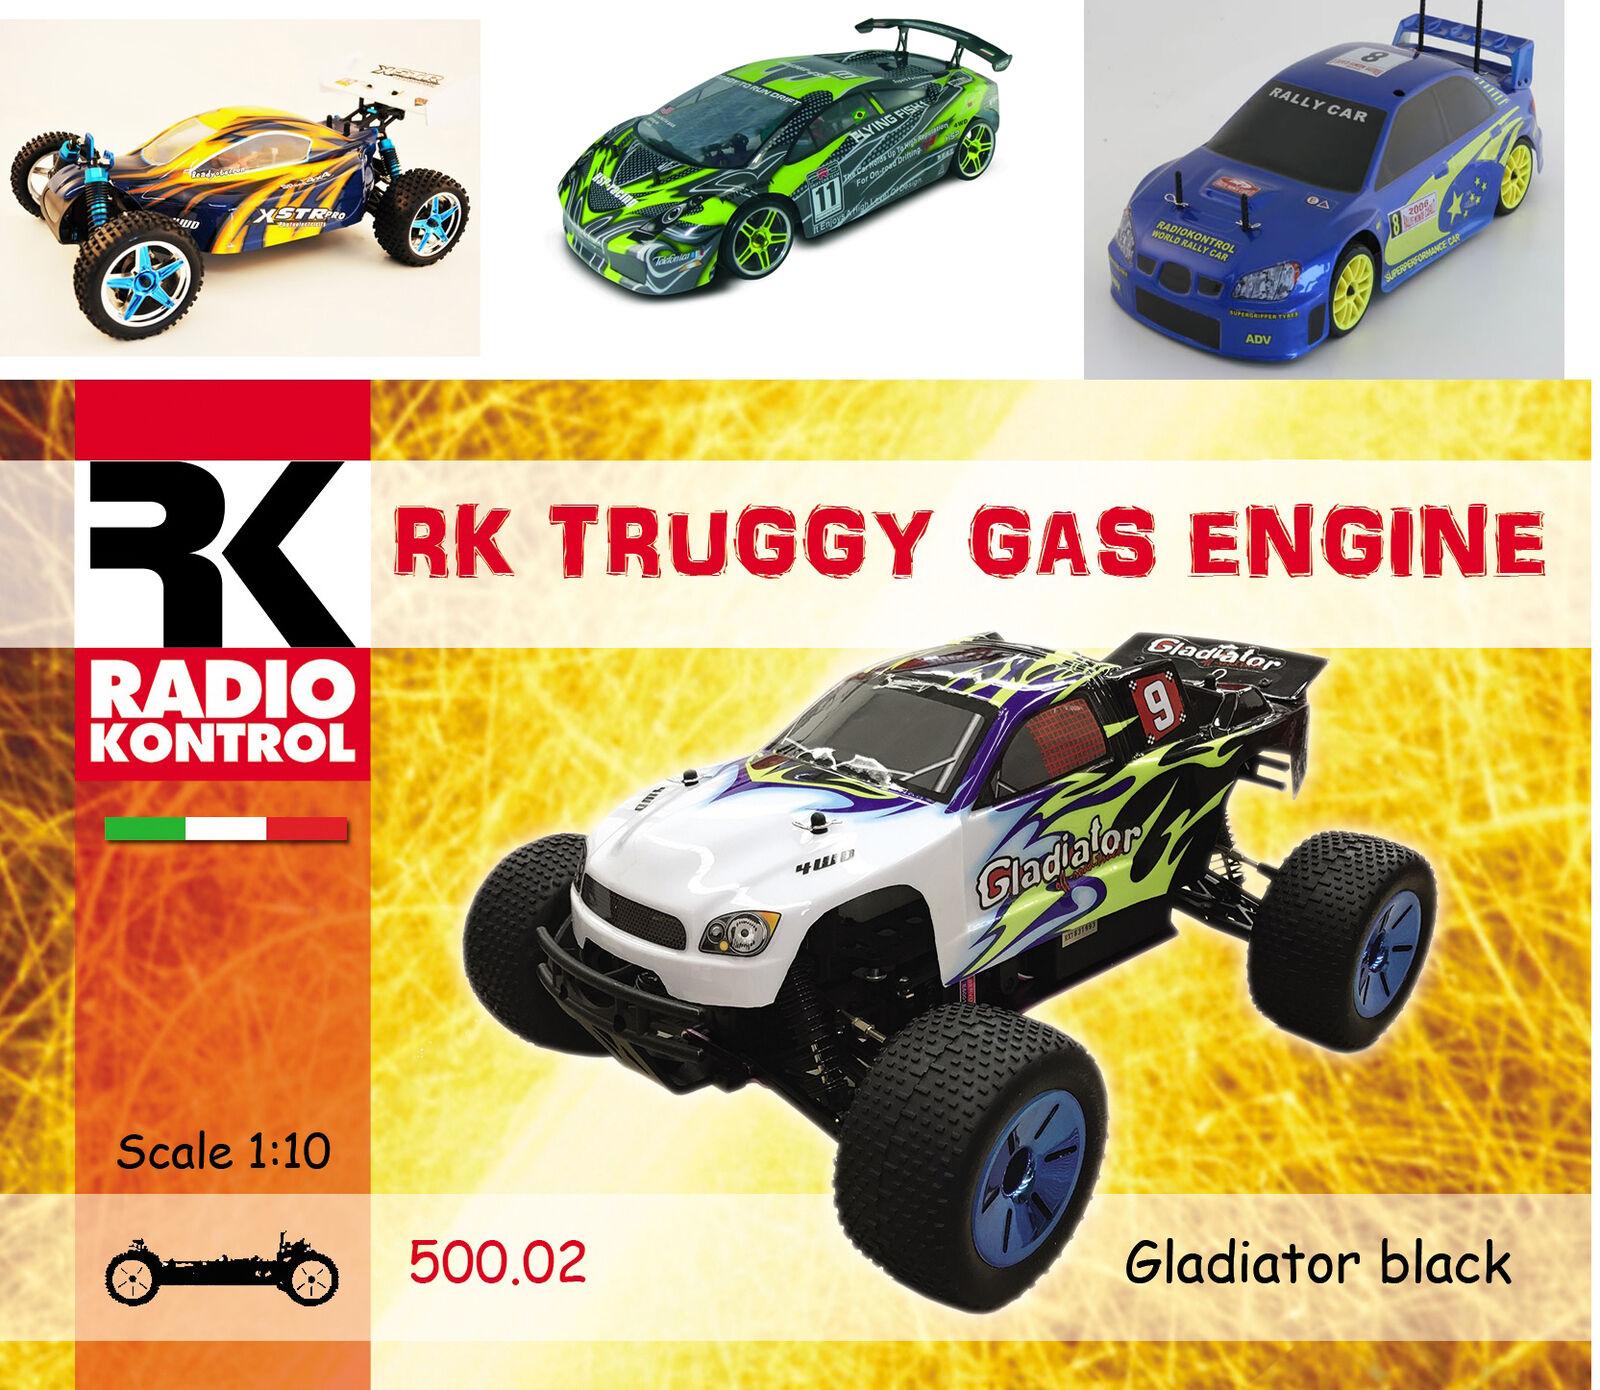 RADIOKONTROL AUTOmodelloLI RADIOCOuomoDATI  4WD  SCALA 1-10 ELETTRICA-A SCOPPIO  marca